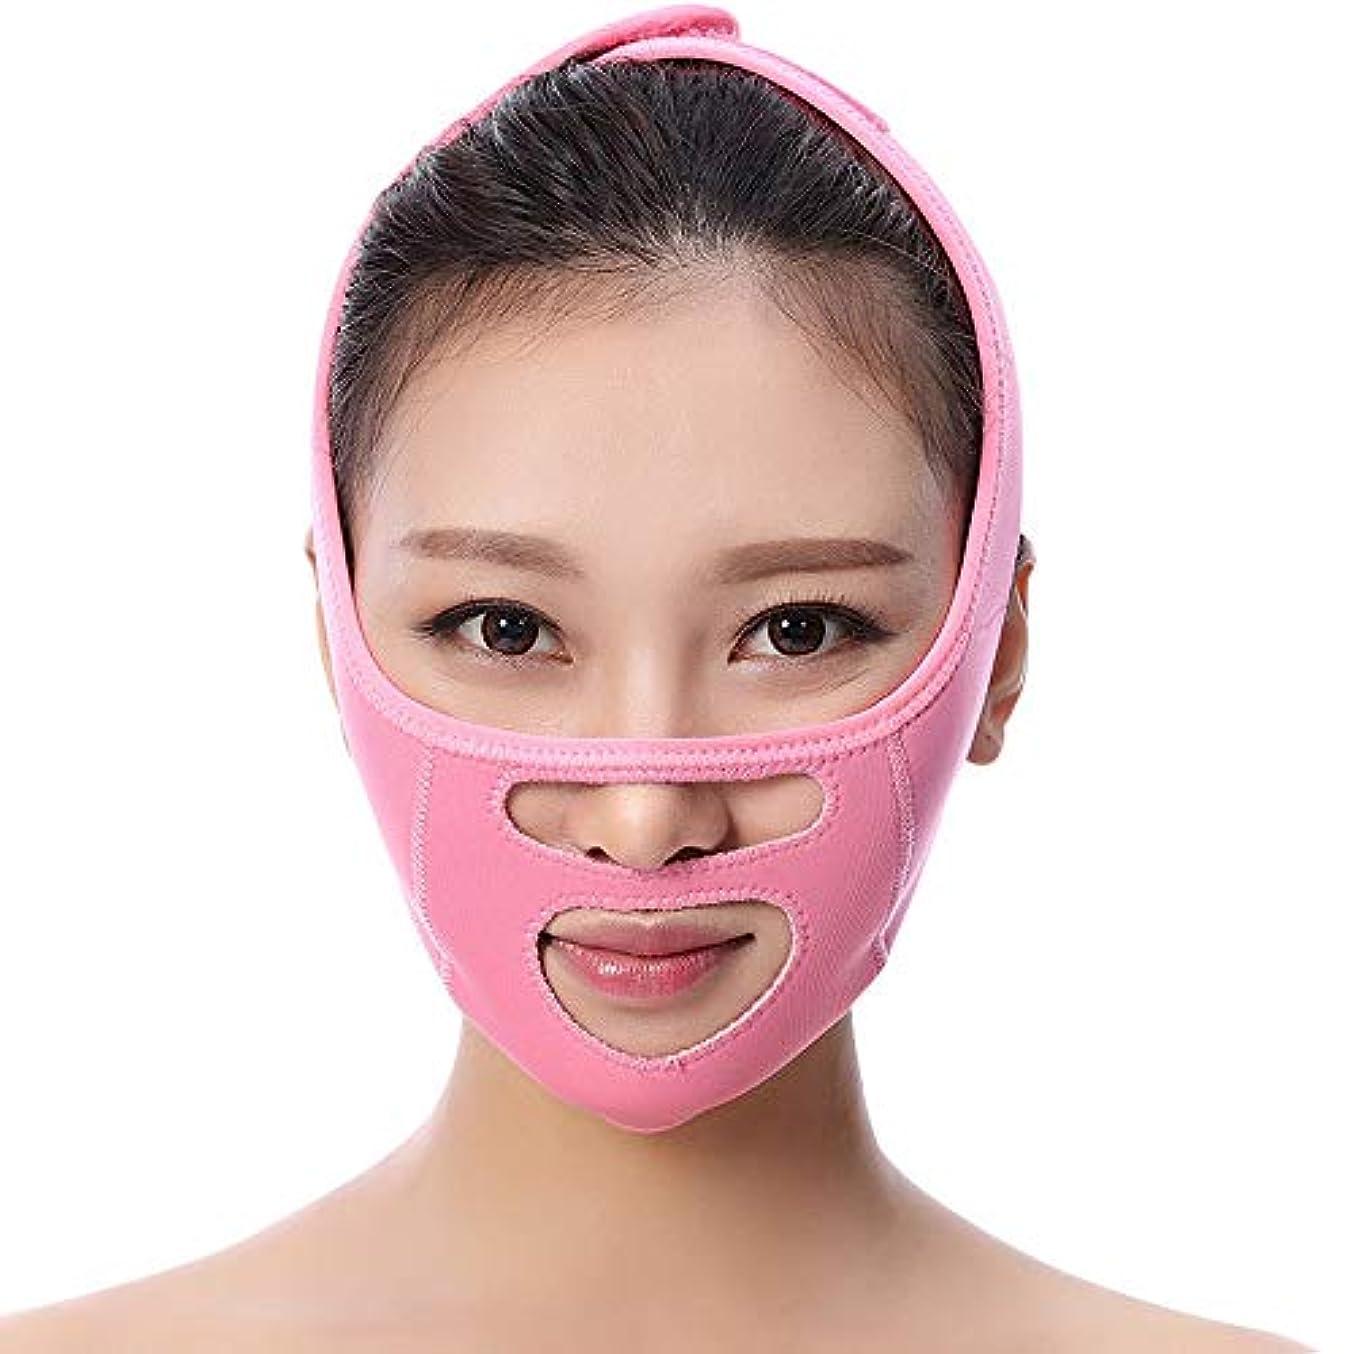 娘脅迫あごフェイスリフトマスク、睡眠薄型フェイスベルトリフティングパーマネントビューティーvフェイスバンデージダブルチンアーチファクト,Pink